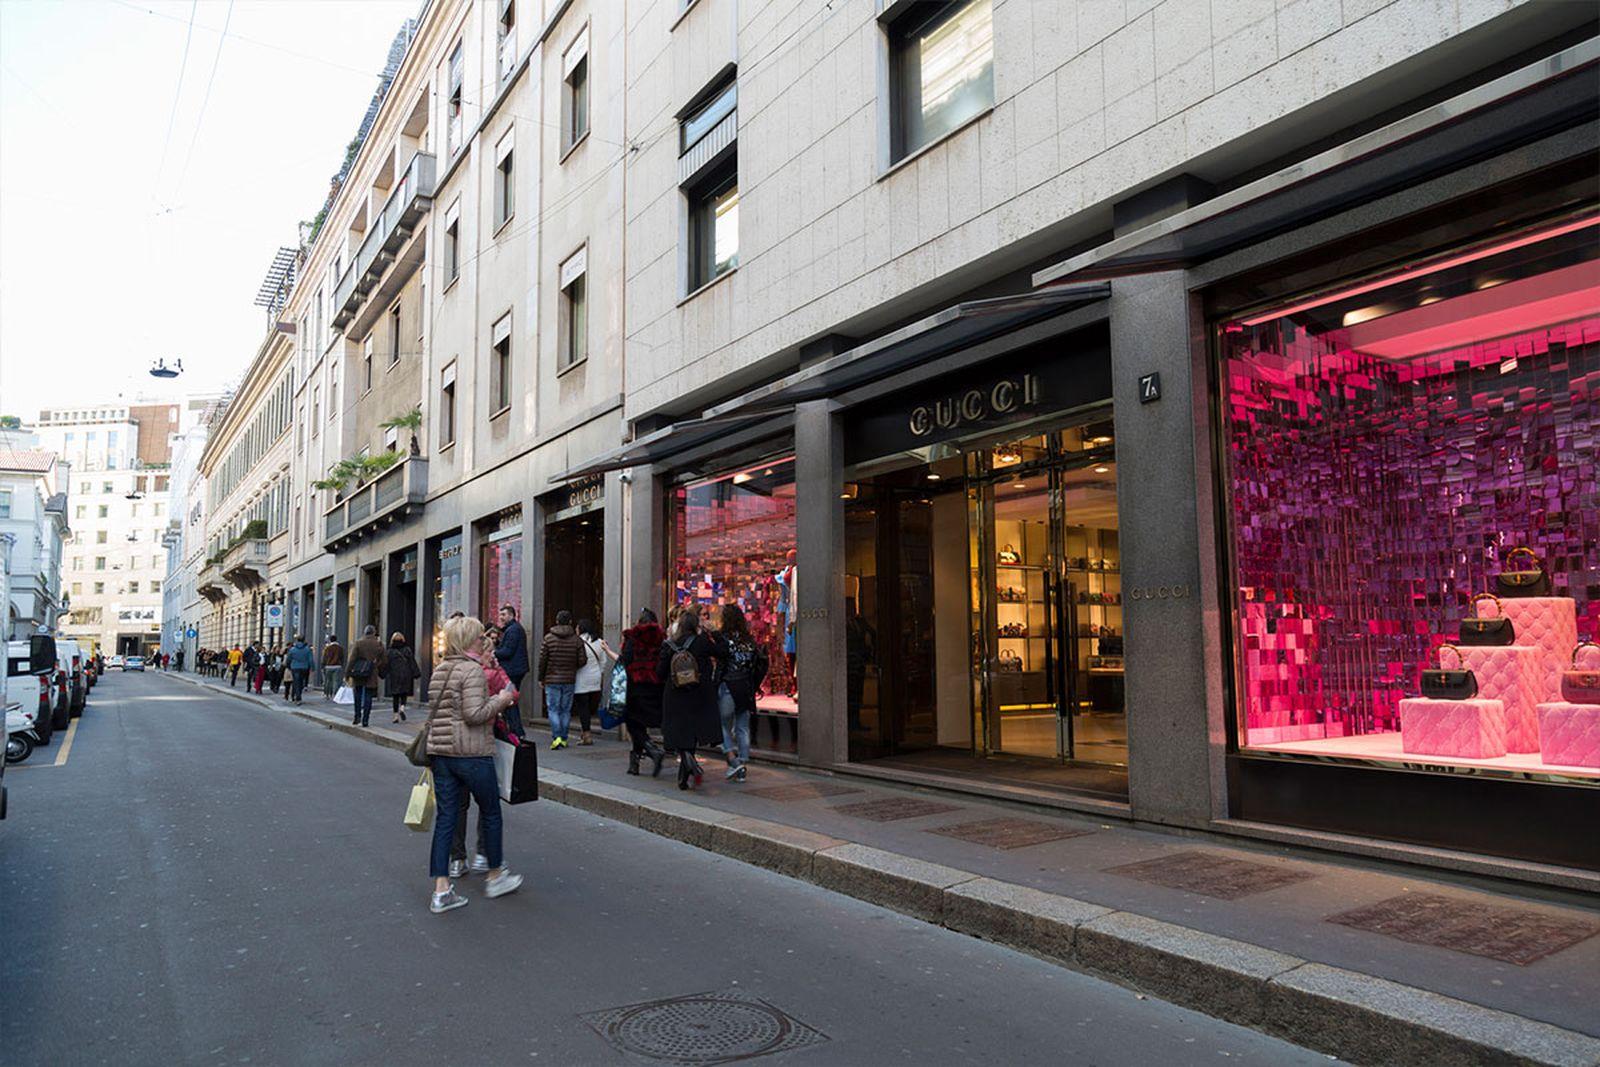 milan-shopping-guide-milan-shopping-guide-quadrilatero-della-moda02